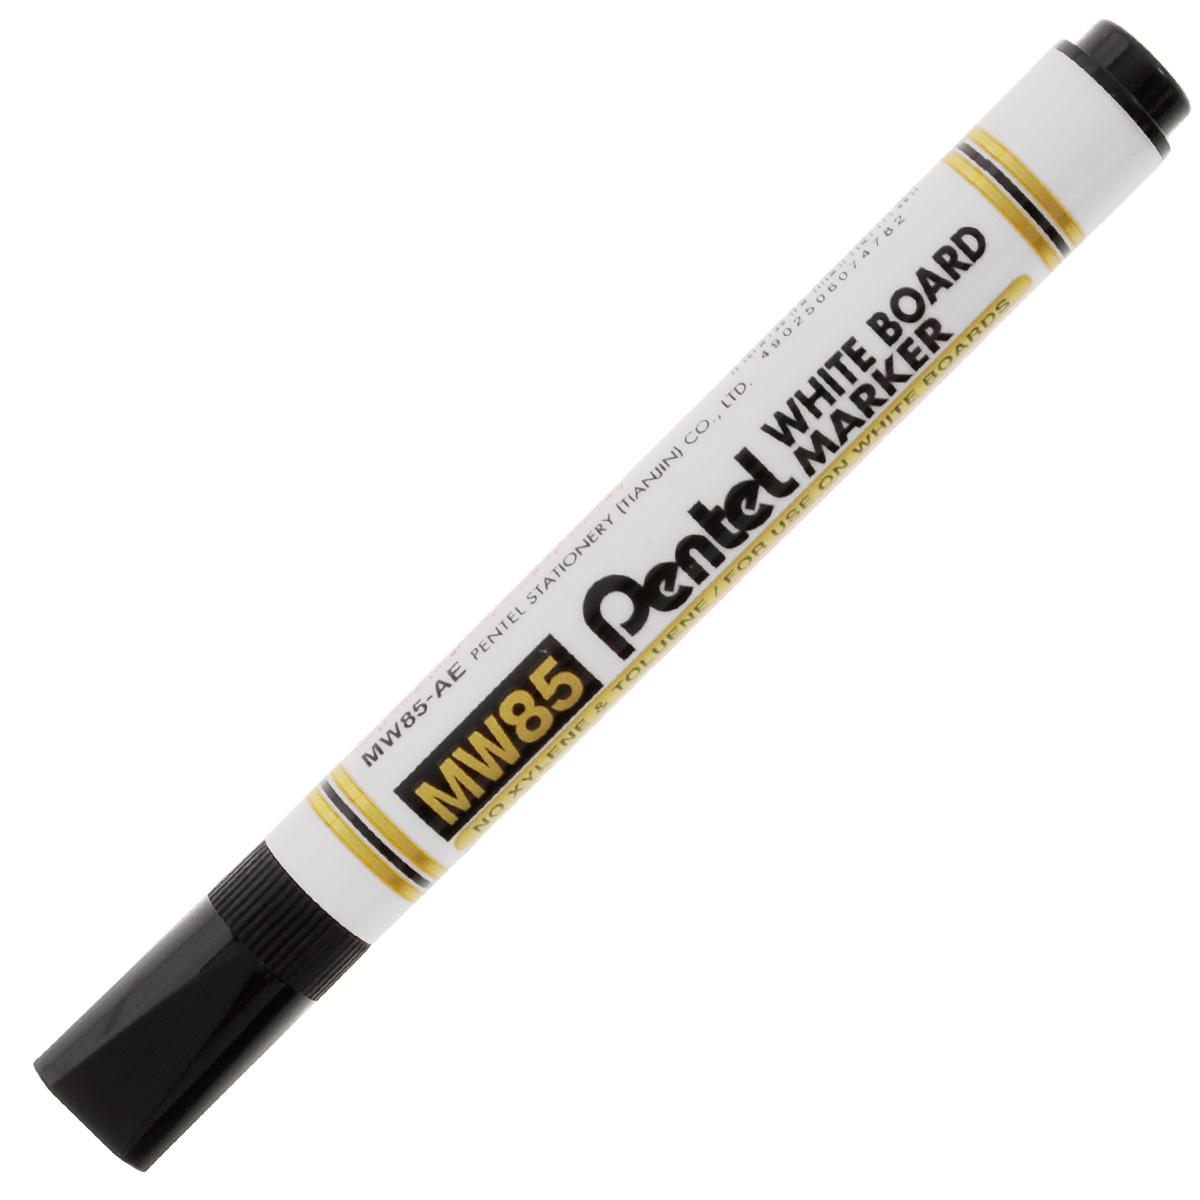 Маркер Pentel, для досок, цвет: черныйPMW85-AМаркер Pentel черного цвета станет для вас верным помощником при проведении презентаций или семинаров.Маркер выполнен из пластика и предназначен для письма на доске. Корпус маркера белого цвета, а цвет колпачка соответствует цвету чернил. Маркер обеспечивает ровные и четкие линии, диаметр стержня 4,2 мм. Уникальный квадратный колпачок не позволит ему скатиться со стола, и он всегда будет у вас под рукой.Рекомендуемый возраст: от 3 лет.